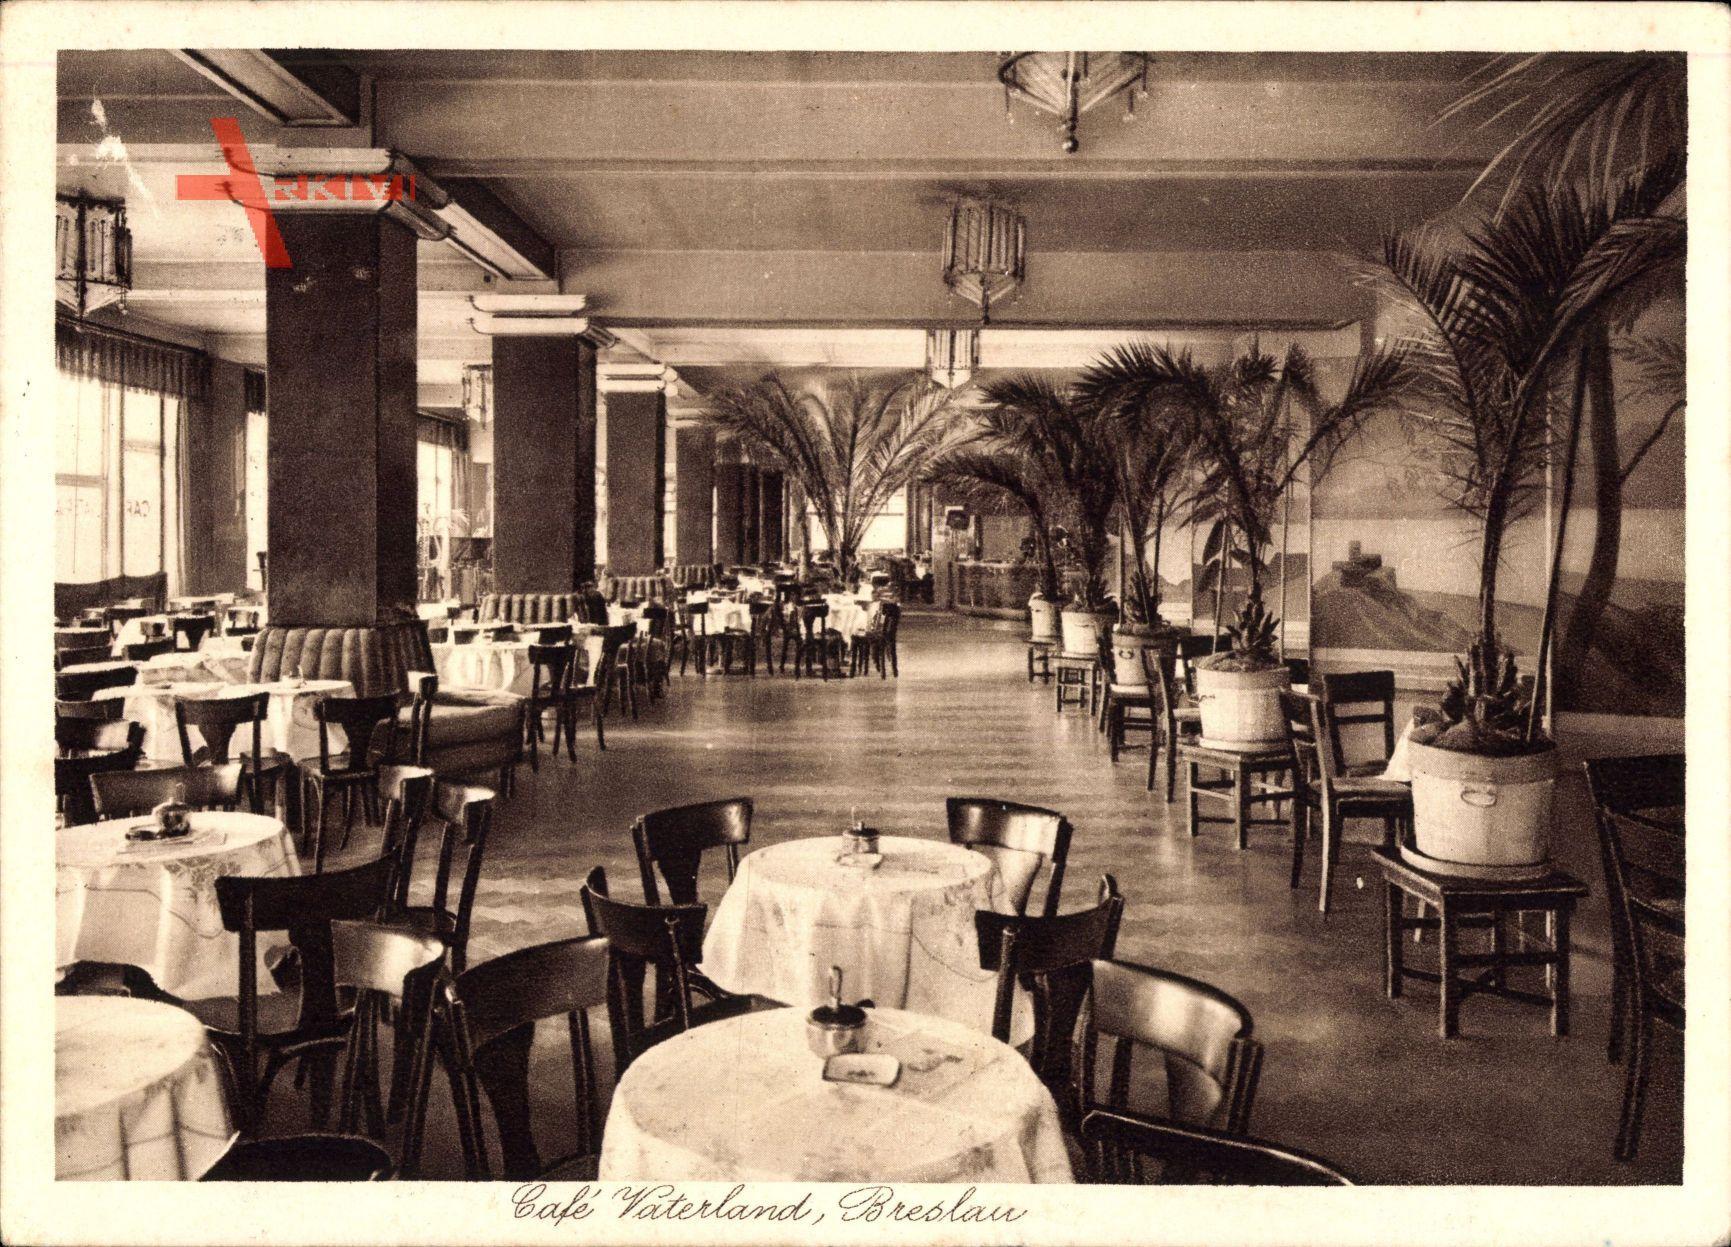 Wrocław Breslau Schlesien, Café Vaterland, Inh. Grundmann, Schweidnitzerstr 1